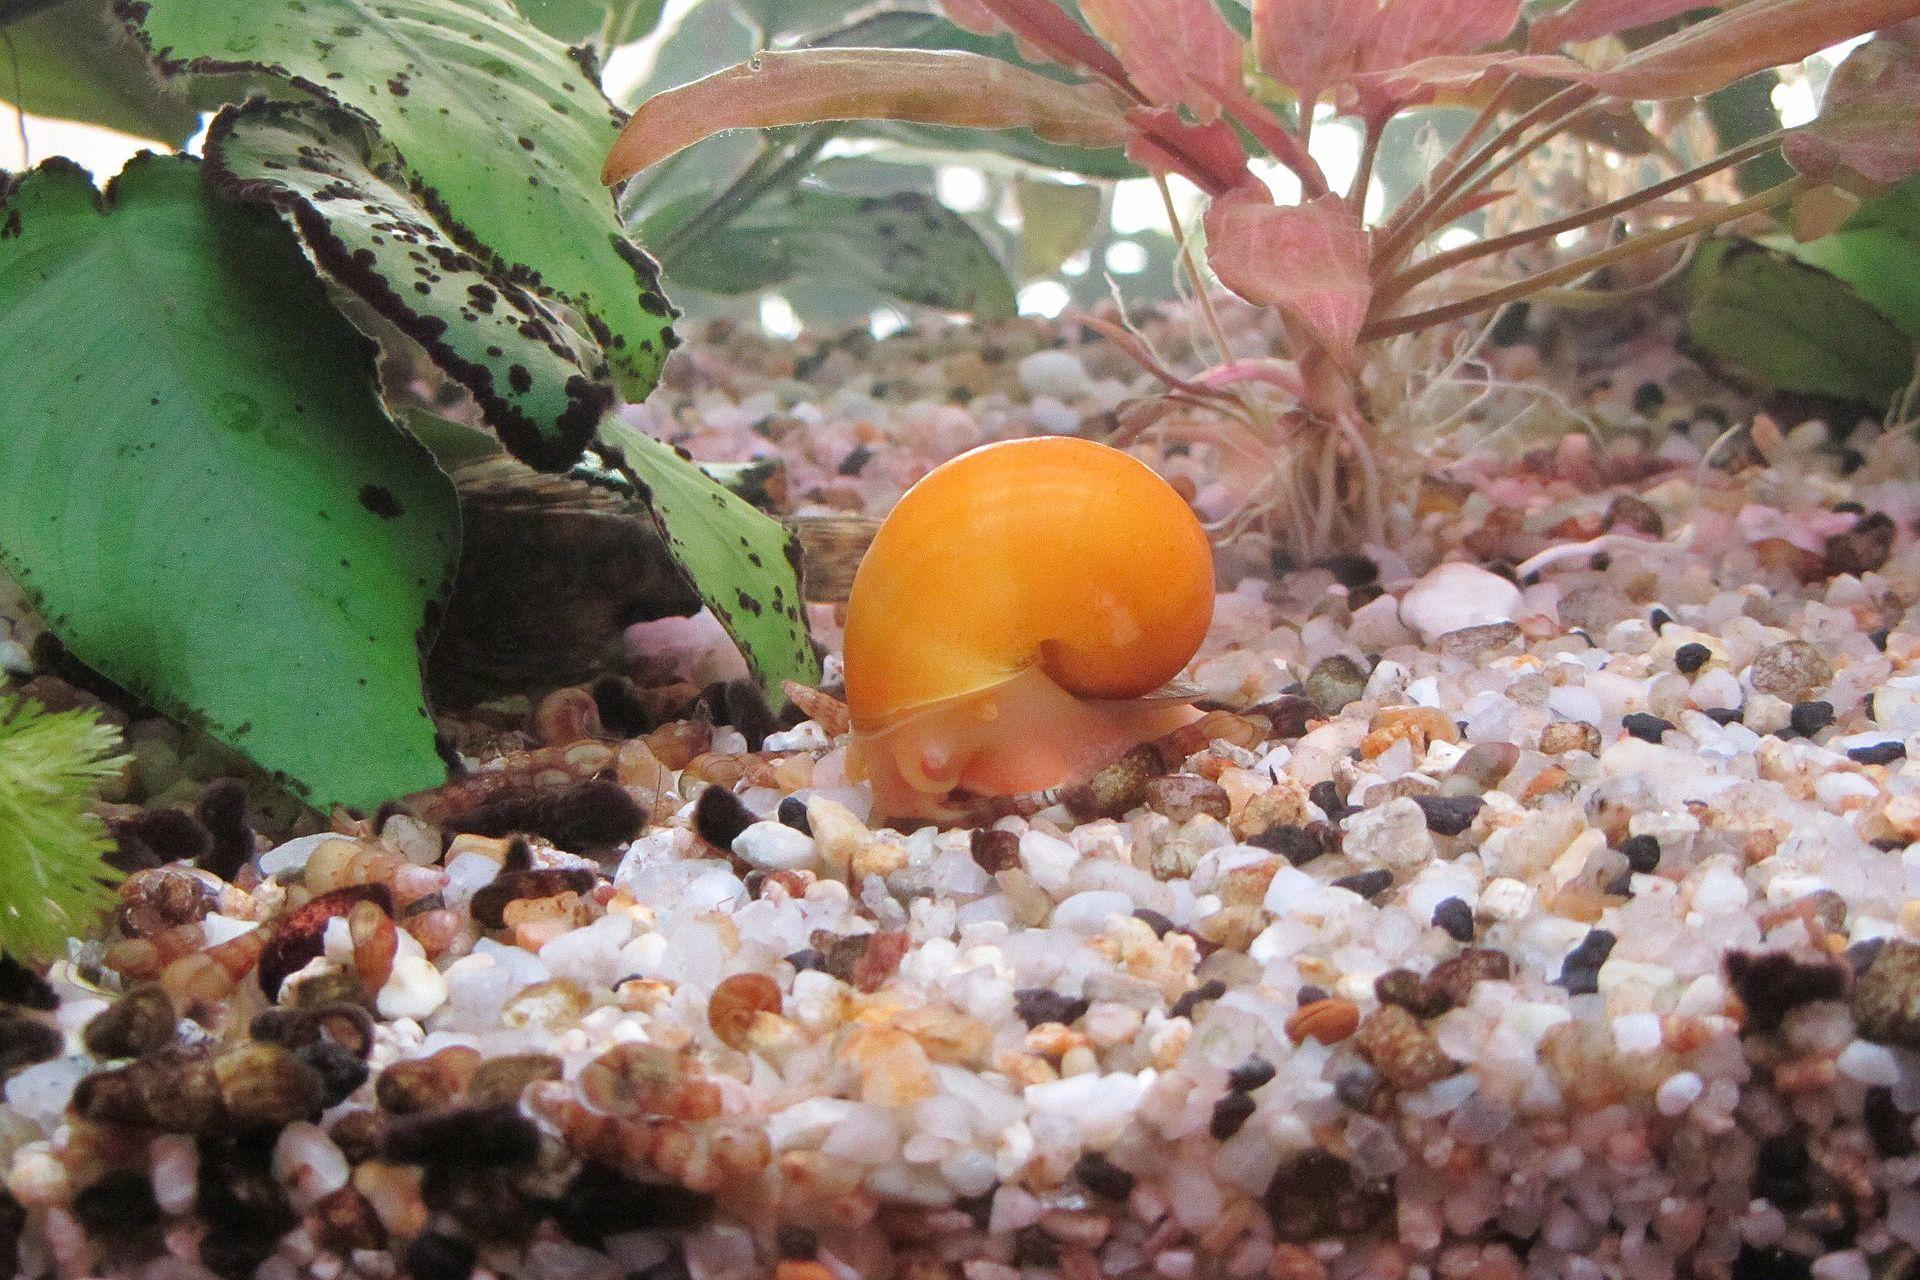 Best way to kill snails in aquarium